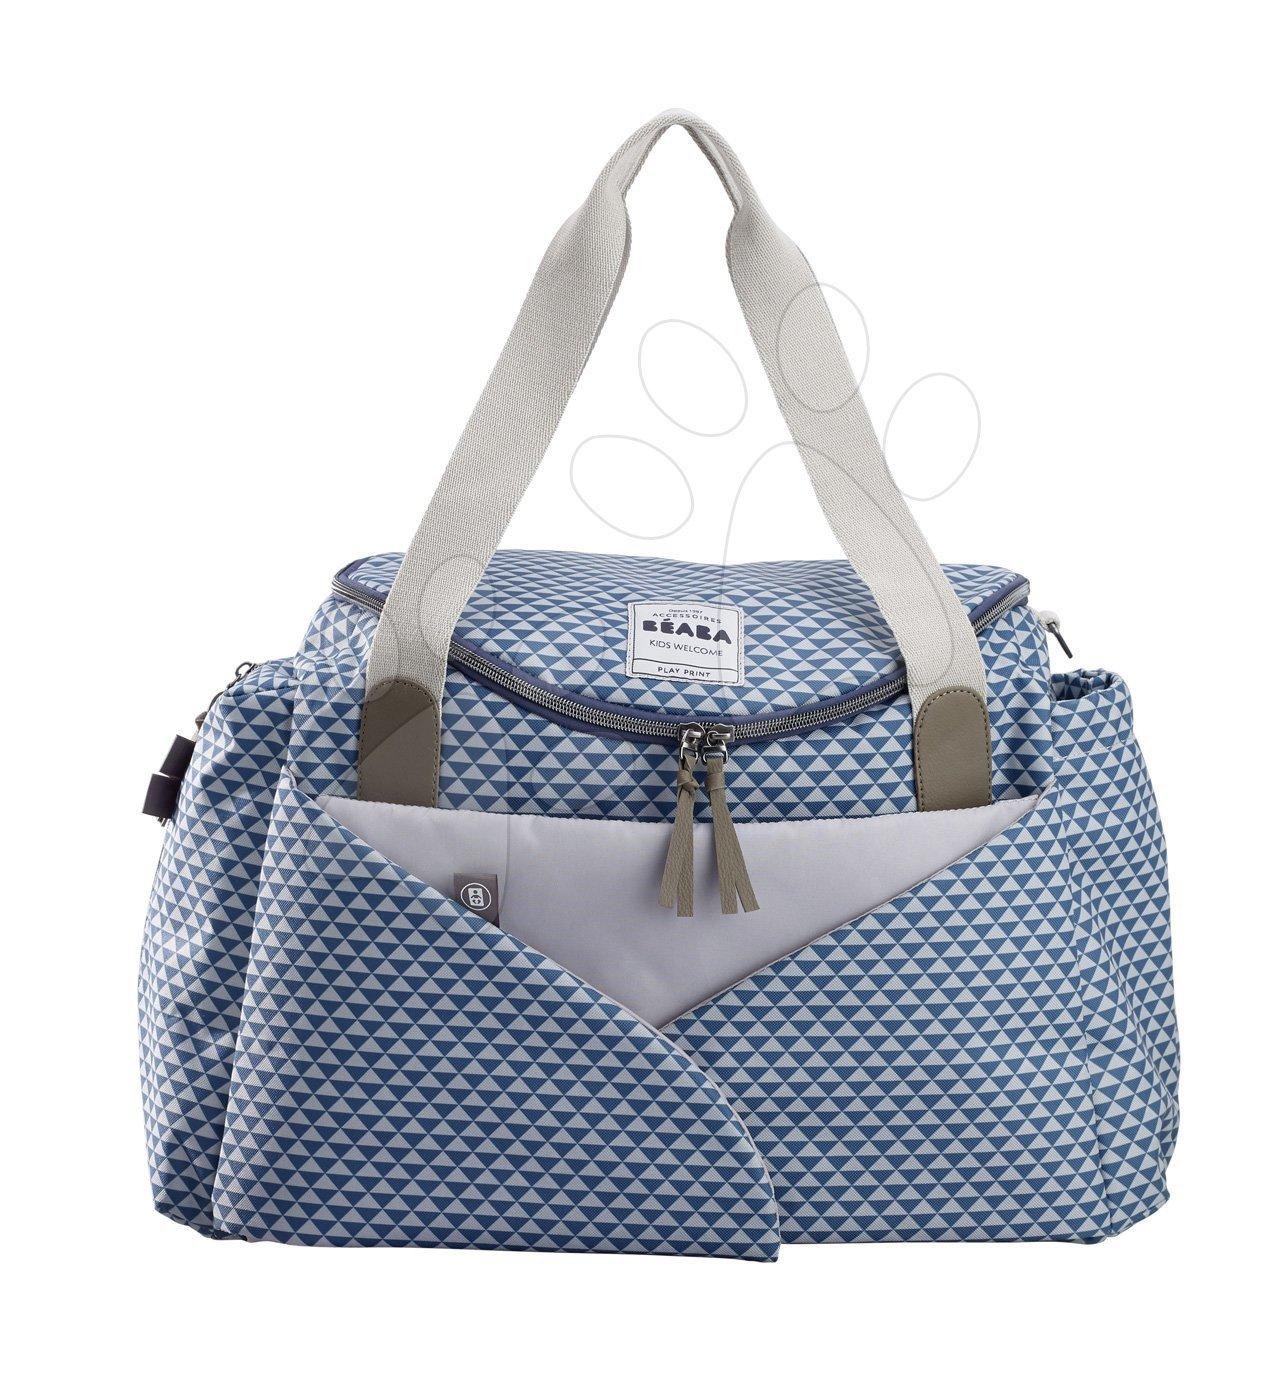 Previjalna torba za vozičke Beaba Sydney II kocke modra